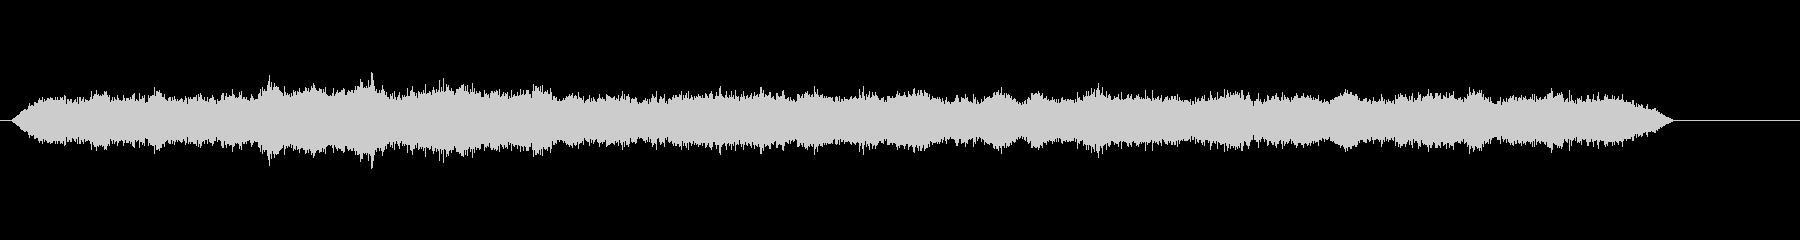 アンビエンス、スクリームの壁_密な残響の未再生の波形